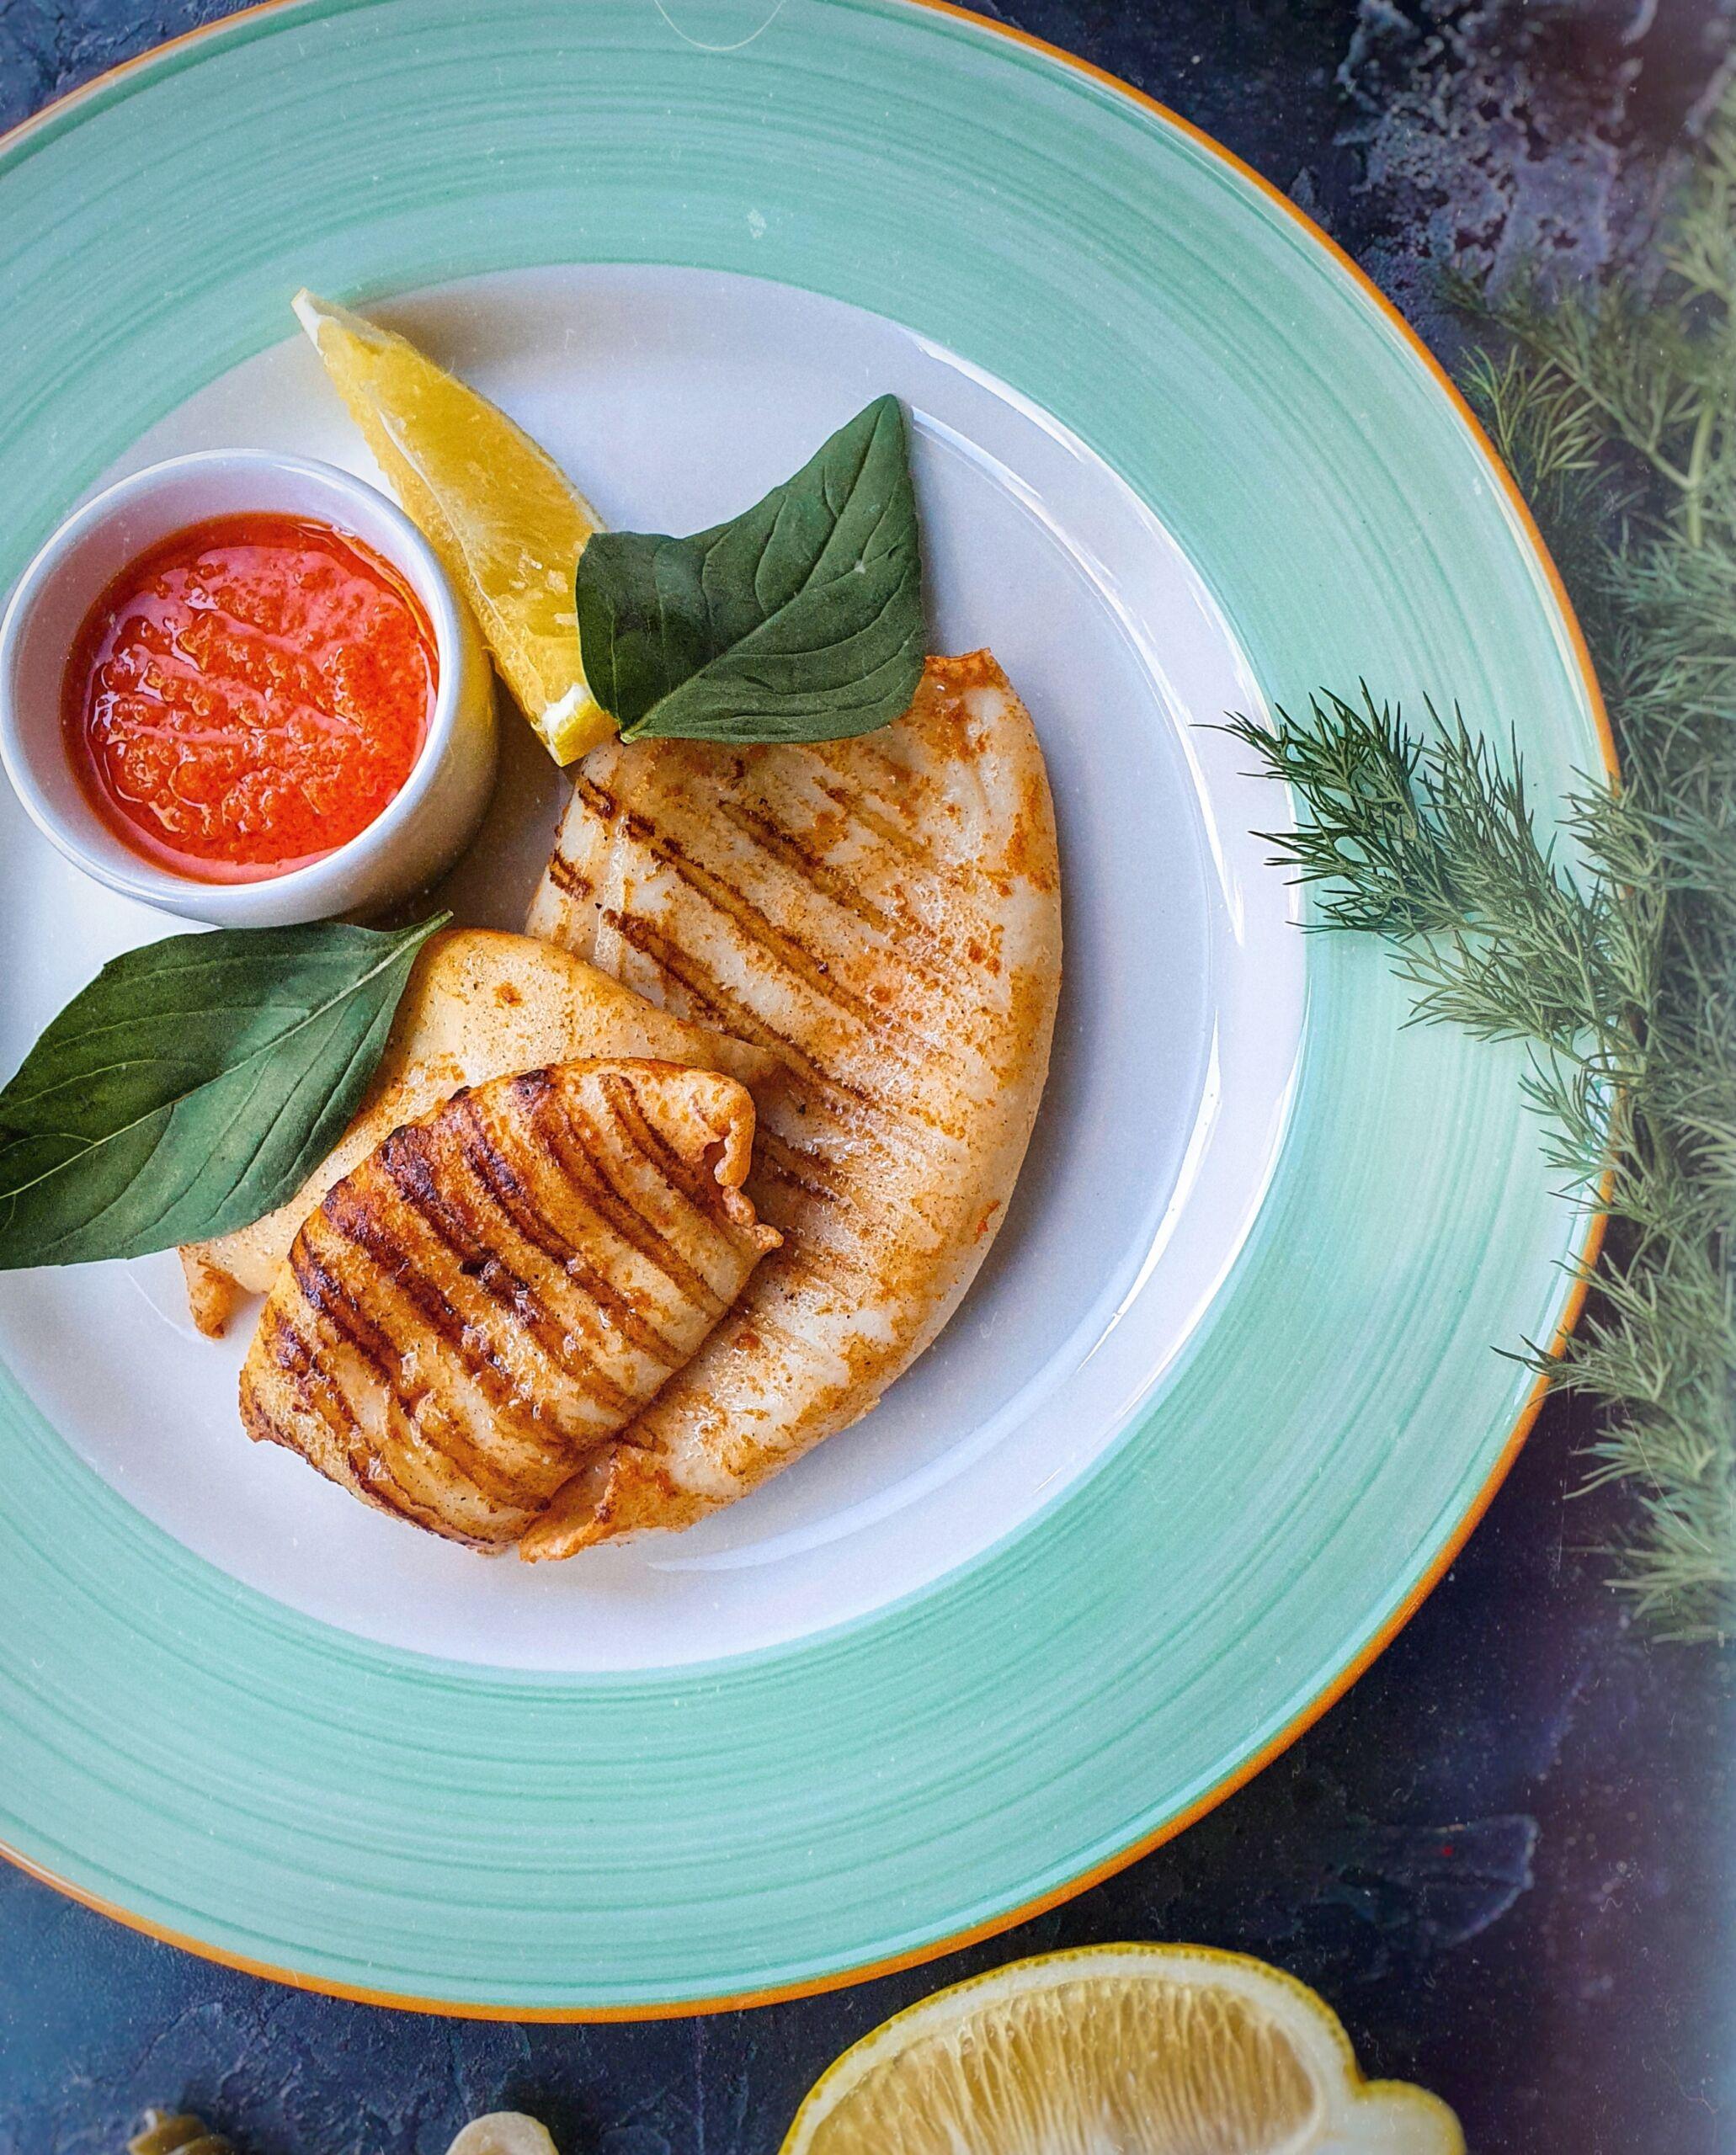 Кальмары на гриле с перечным соусом Pinzeria by Bontempi Итальянский ресторан Волгоград пицца заказать